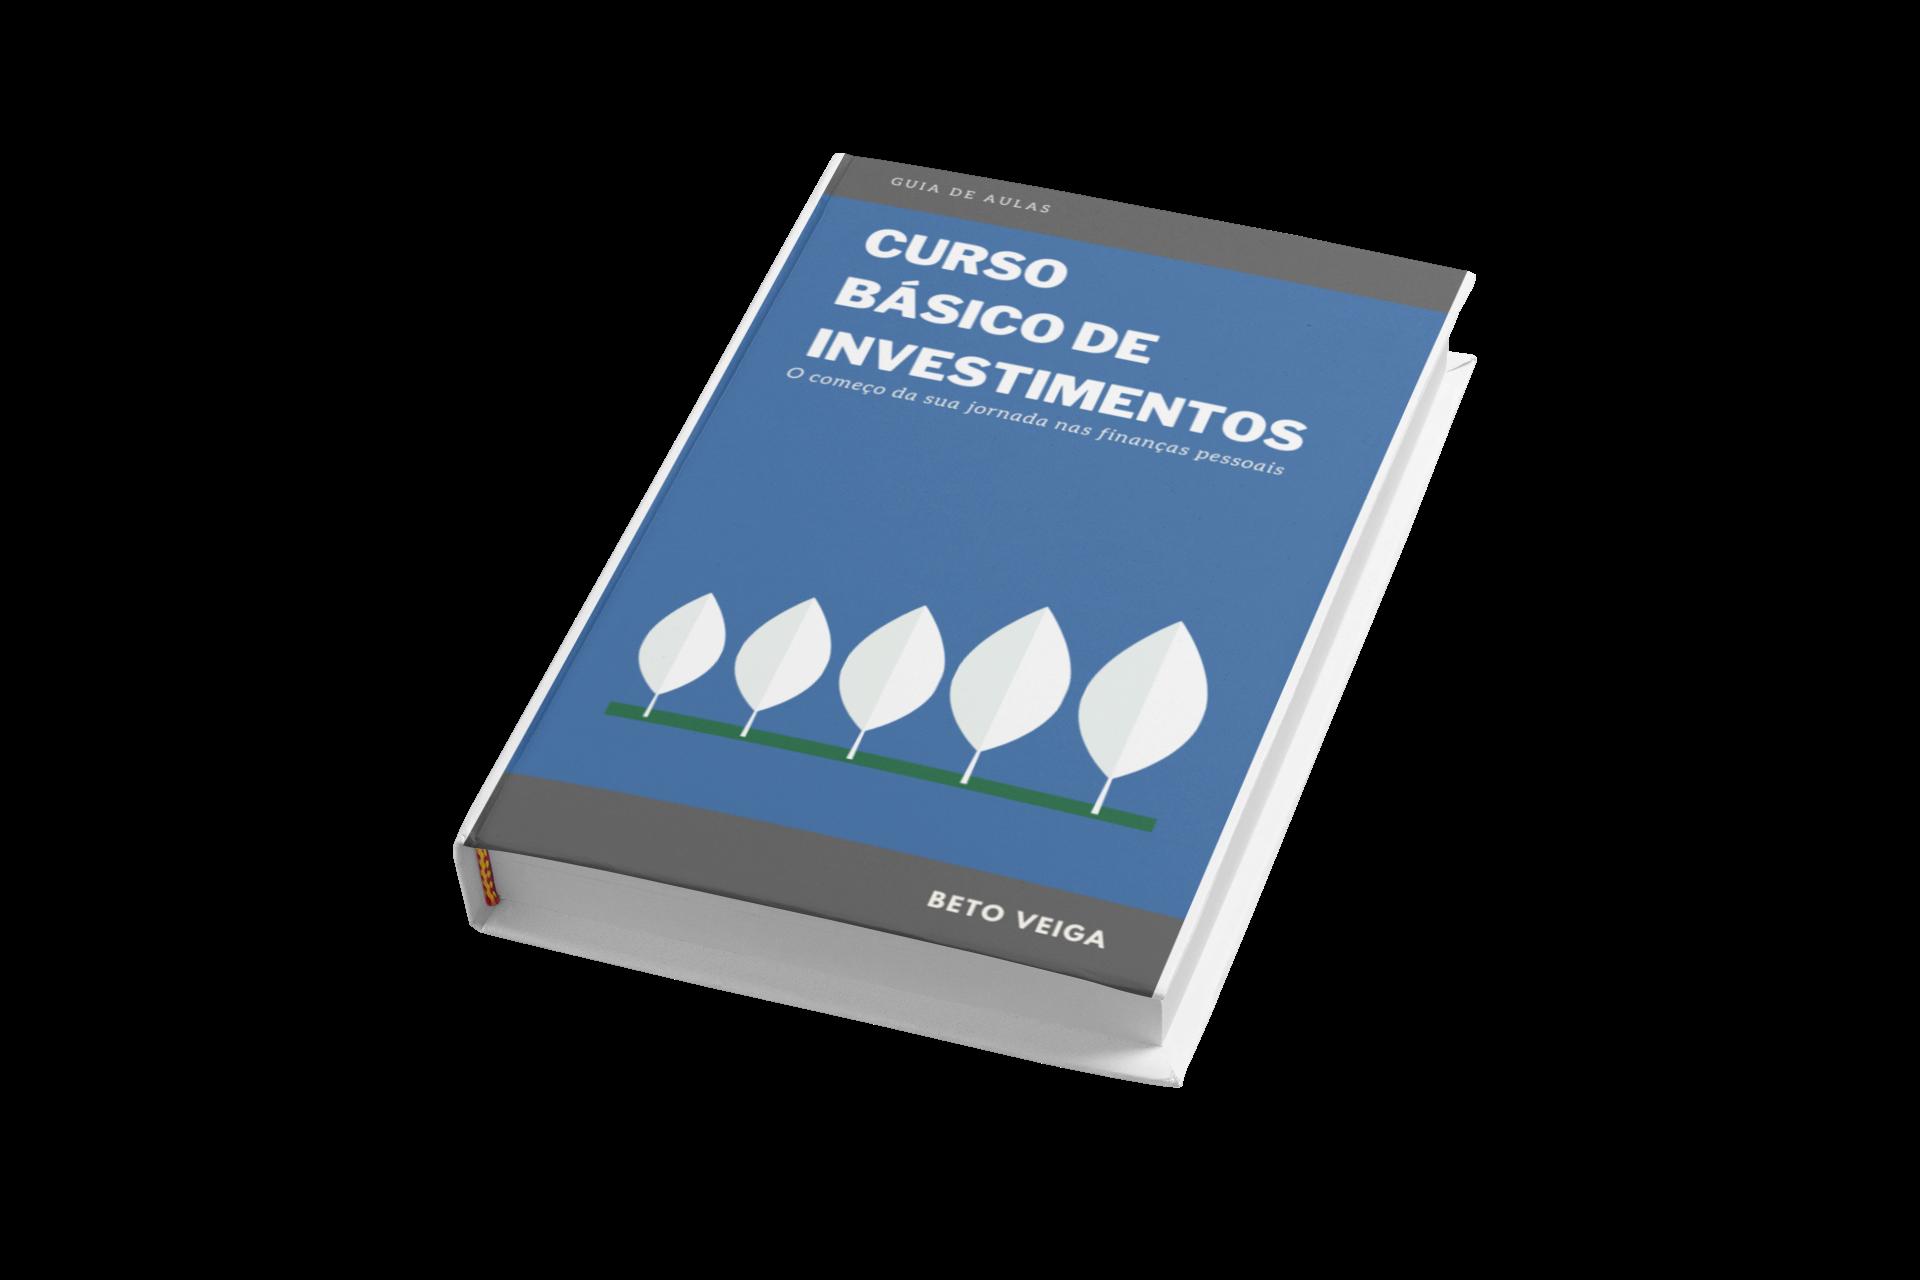 E-book Curso Básico de Investimentos + 4 aulas em vídeo + certificado